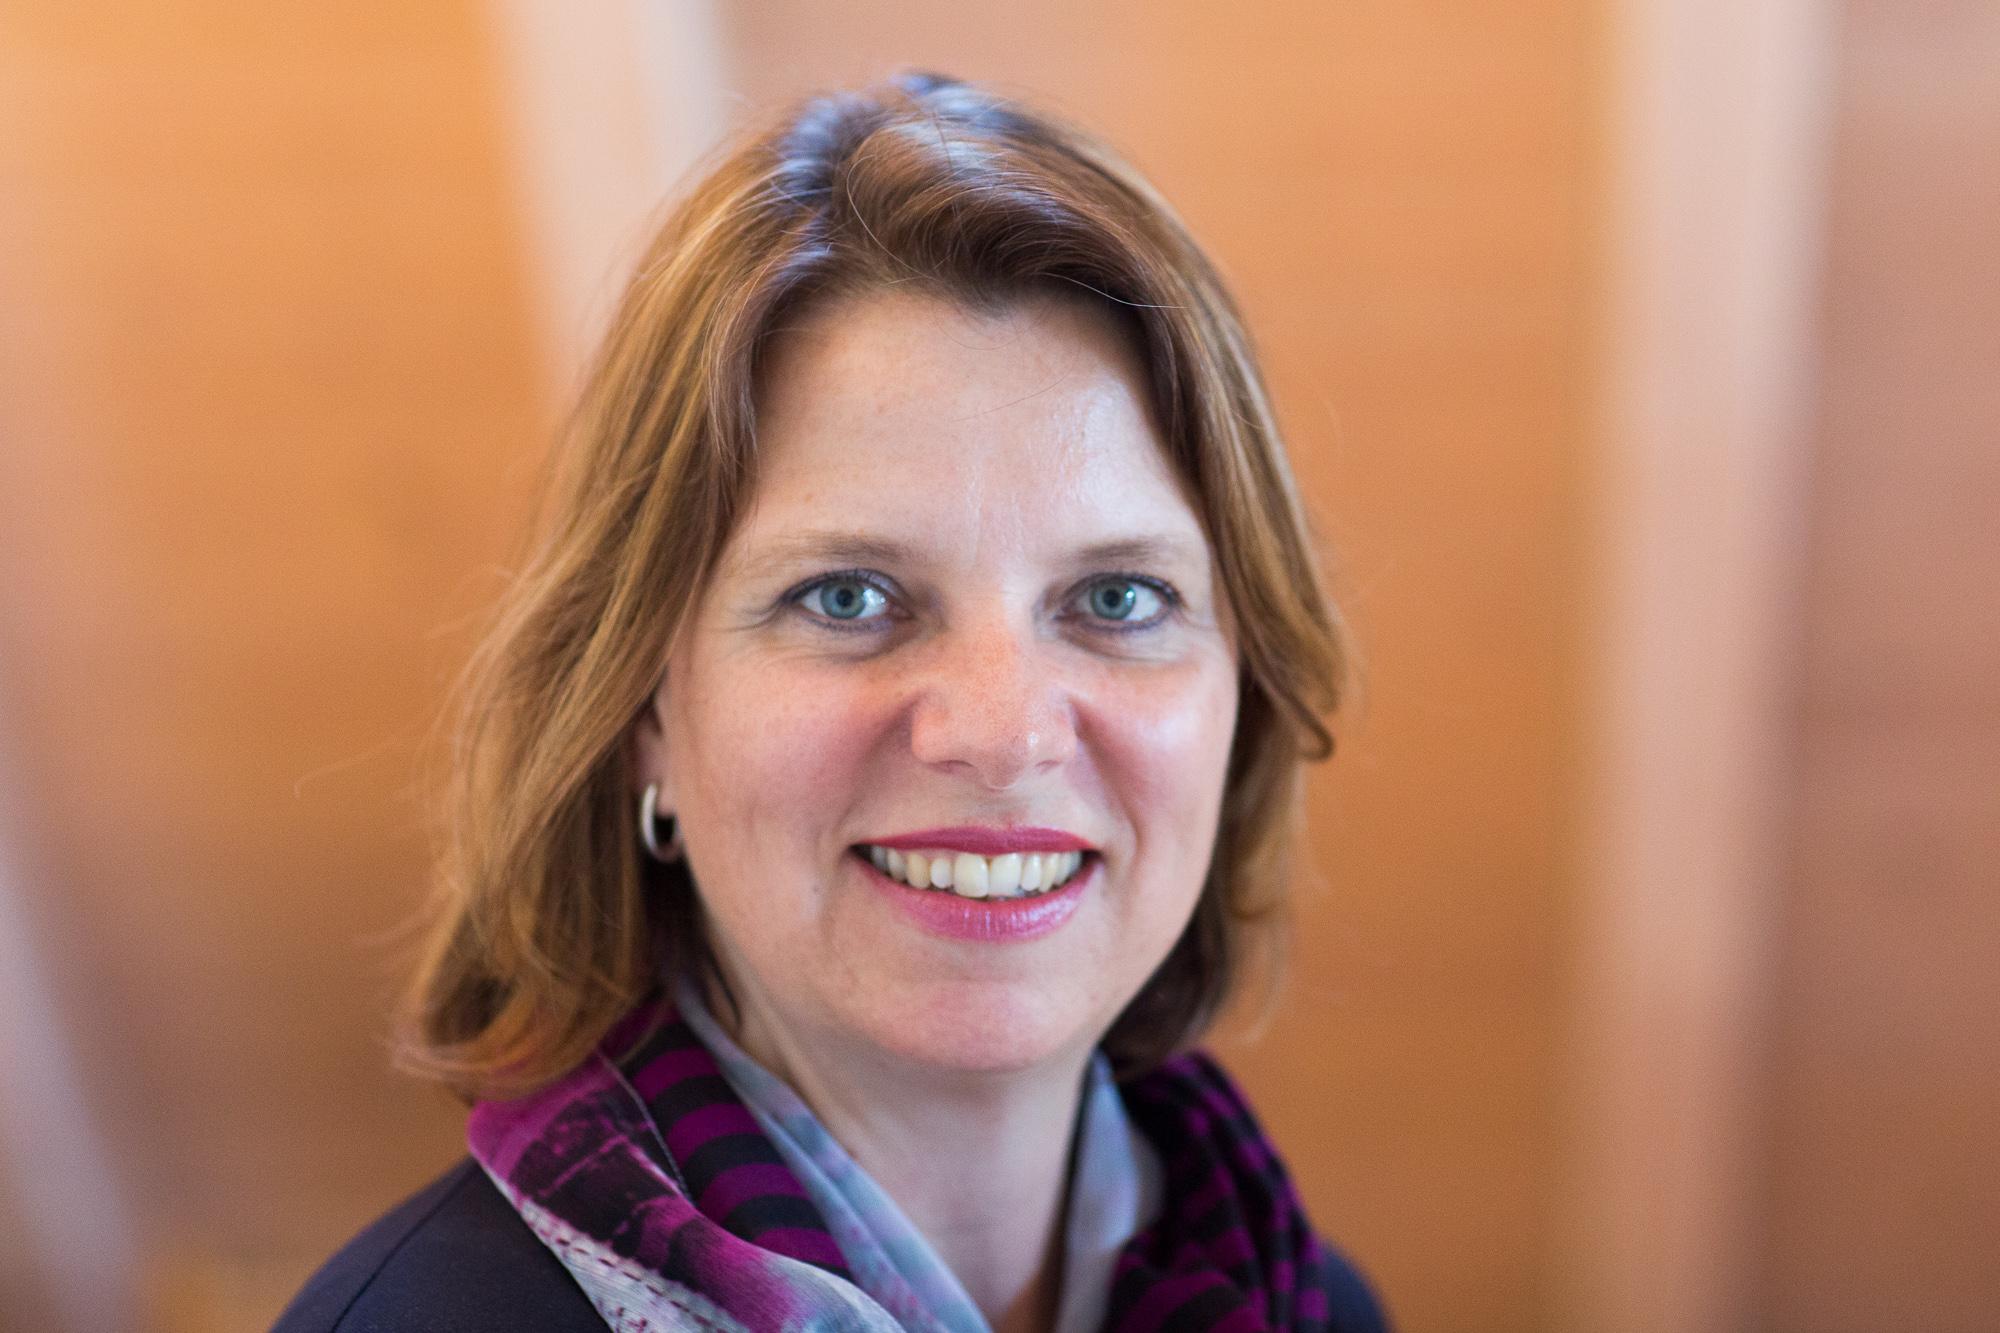 Lerncoach für Schulprobleme, Legasthenie, ADHS: Lerntherapie Rafz Monika Gysel